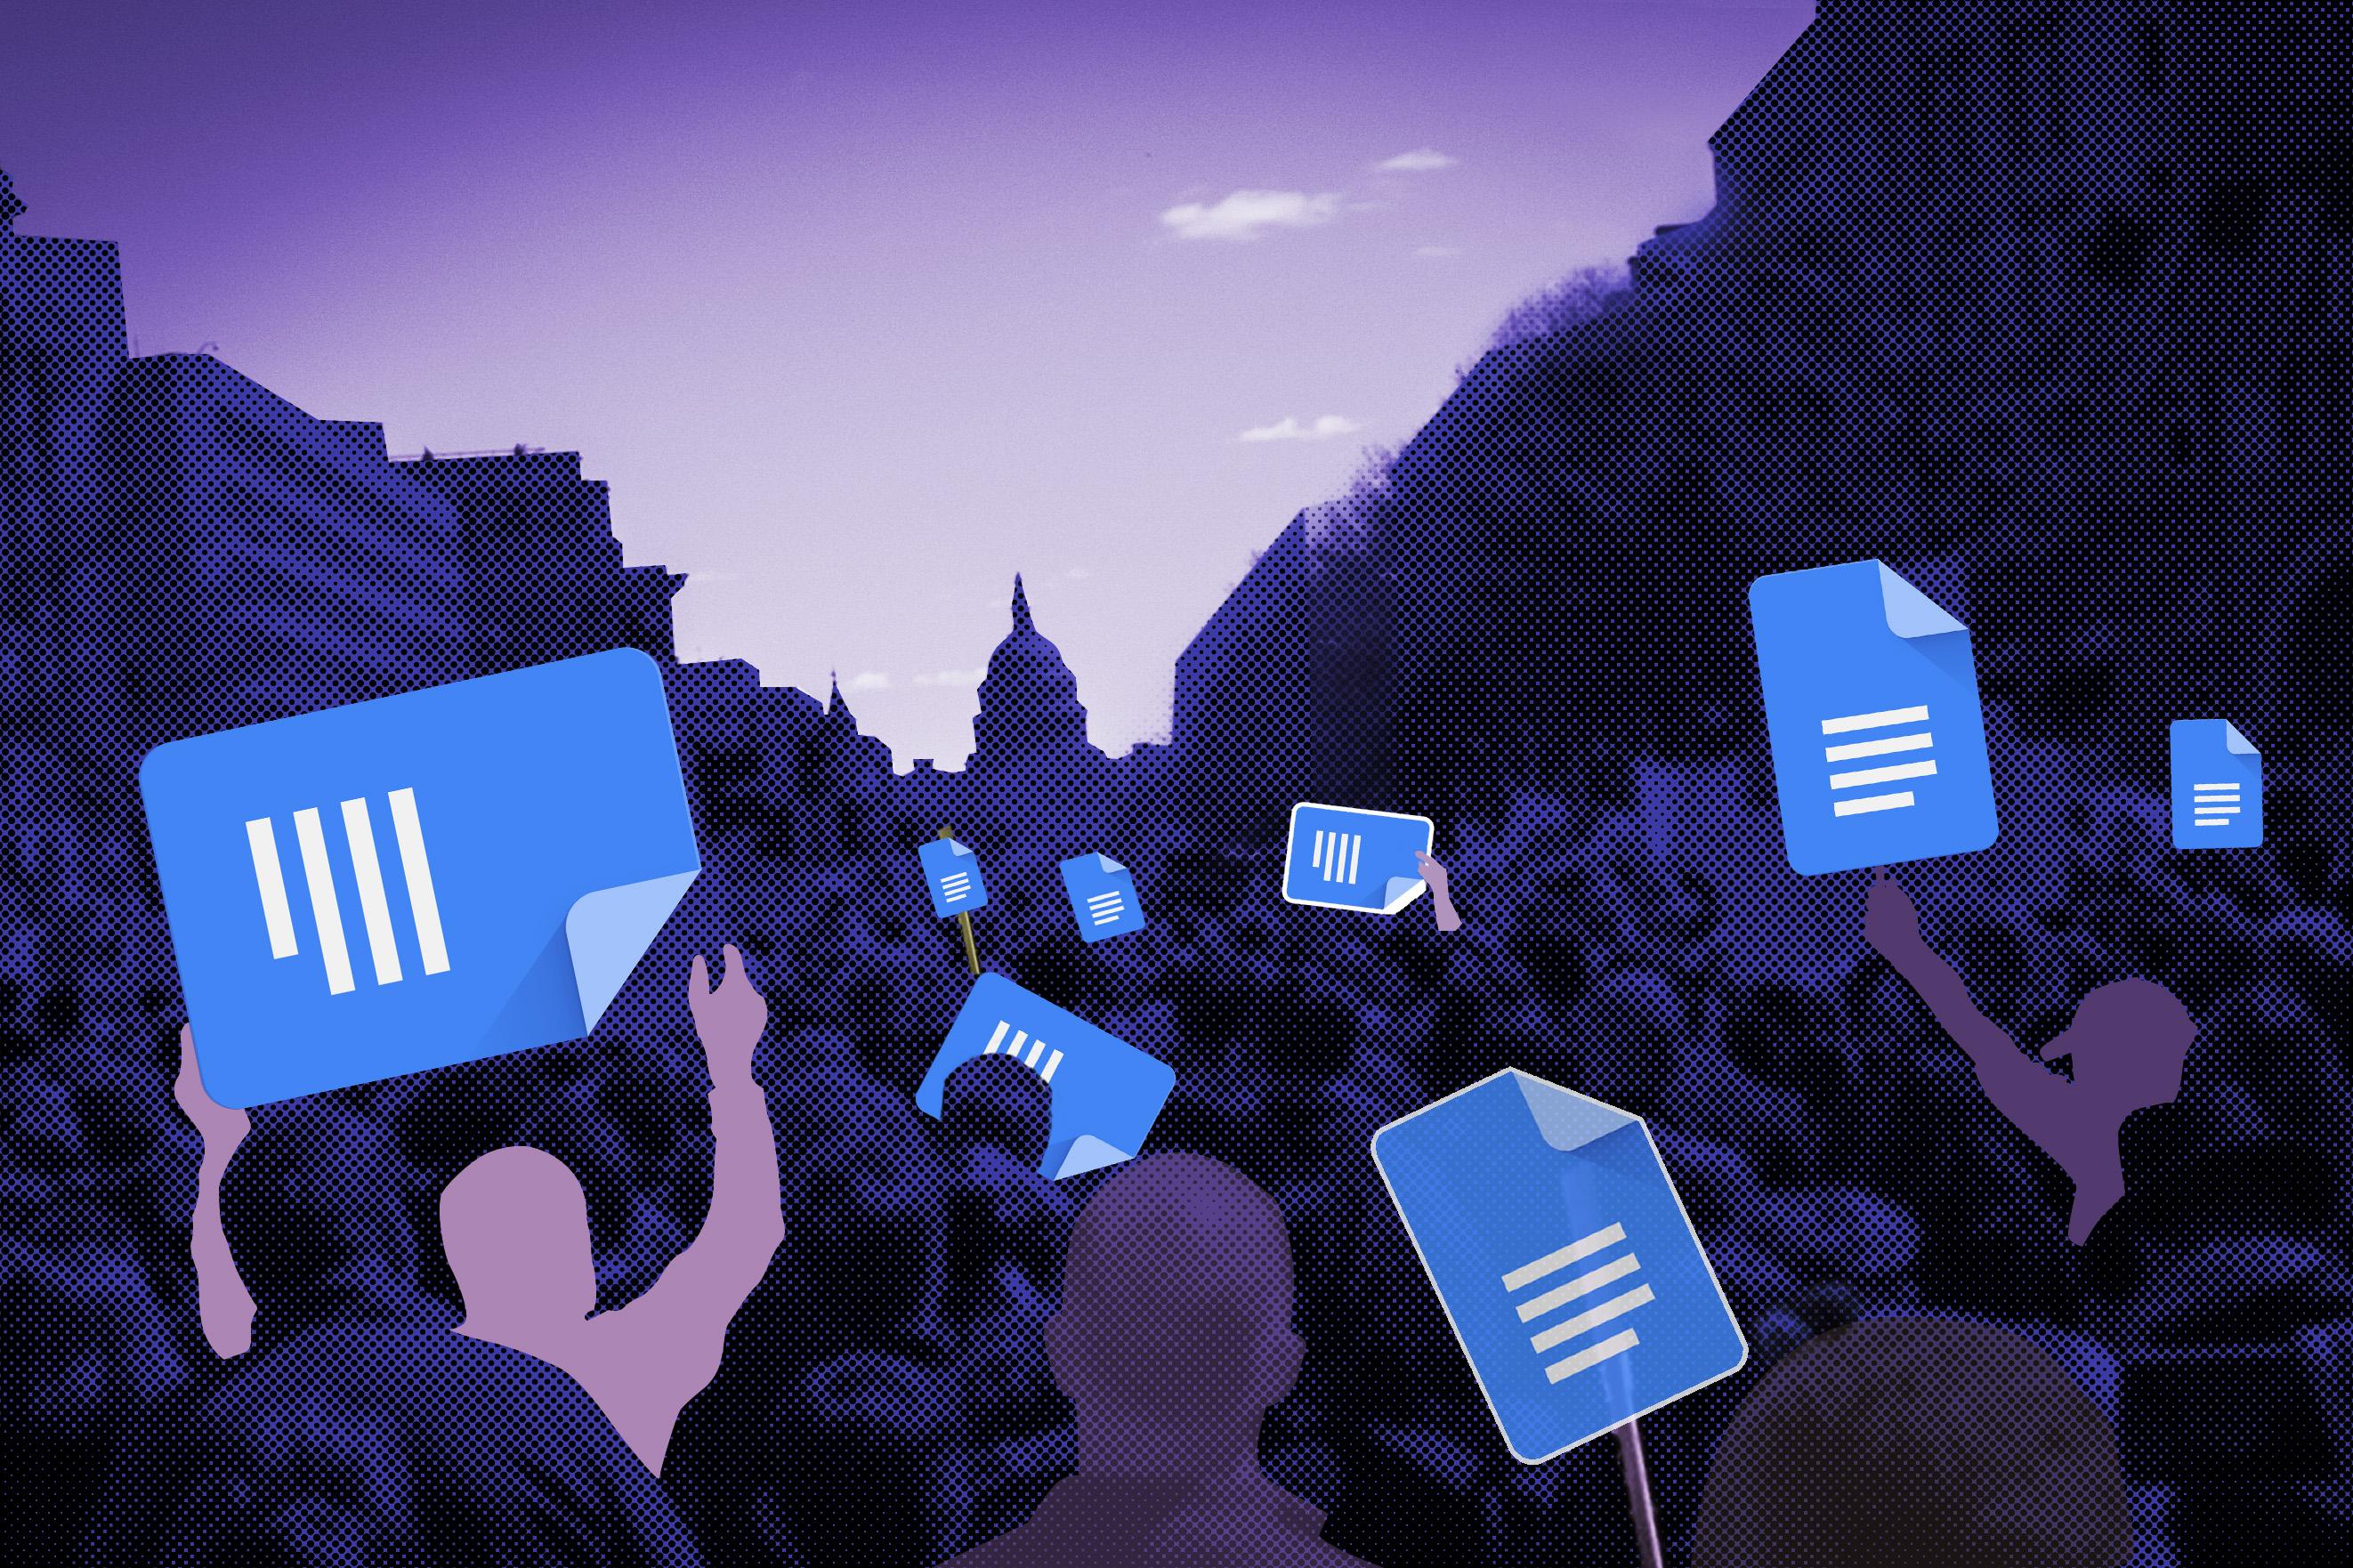 illustration des foules tenant des pancartes Gdoc